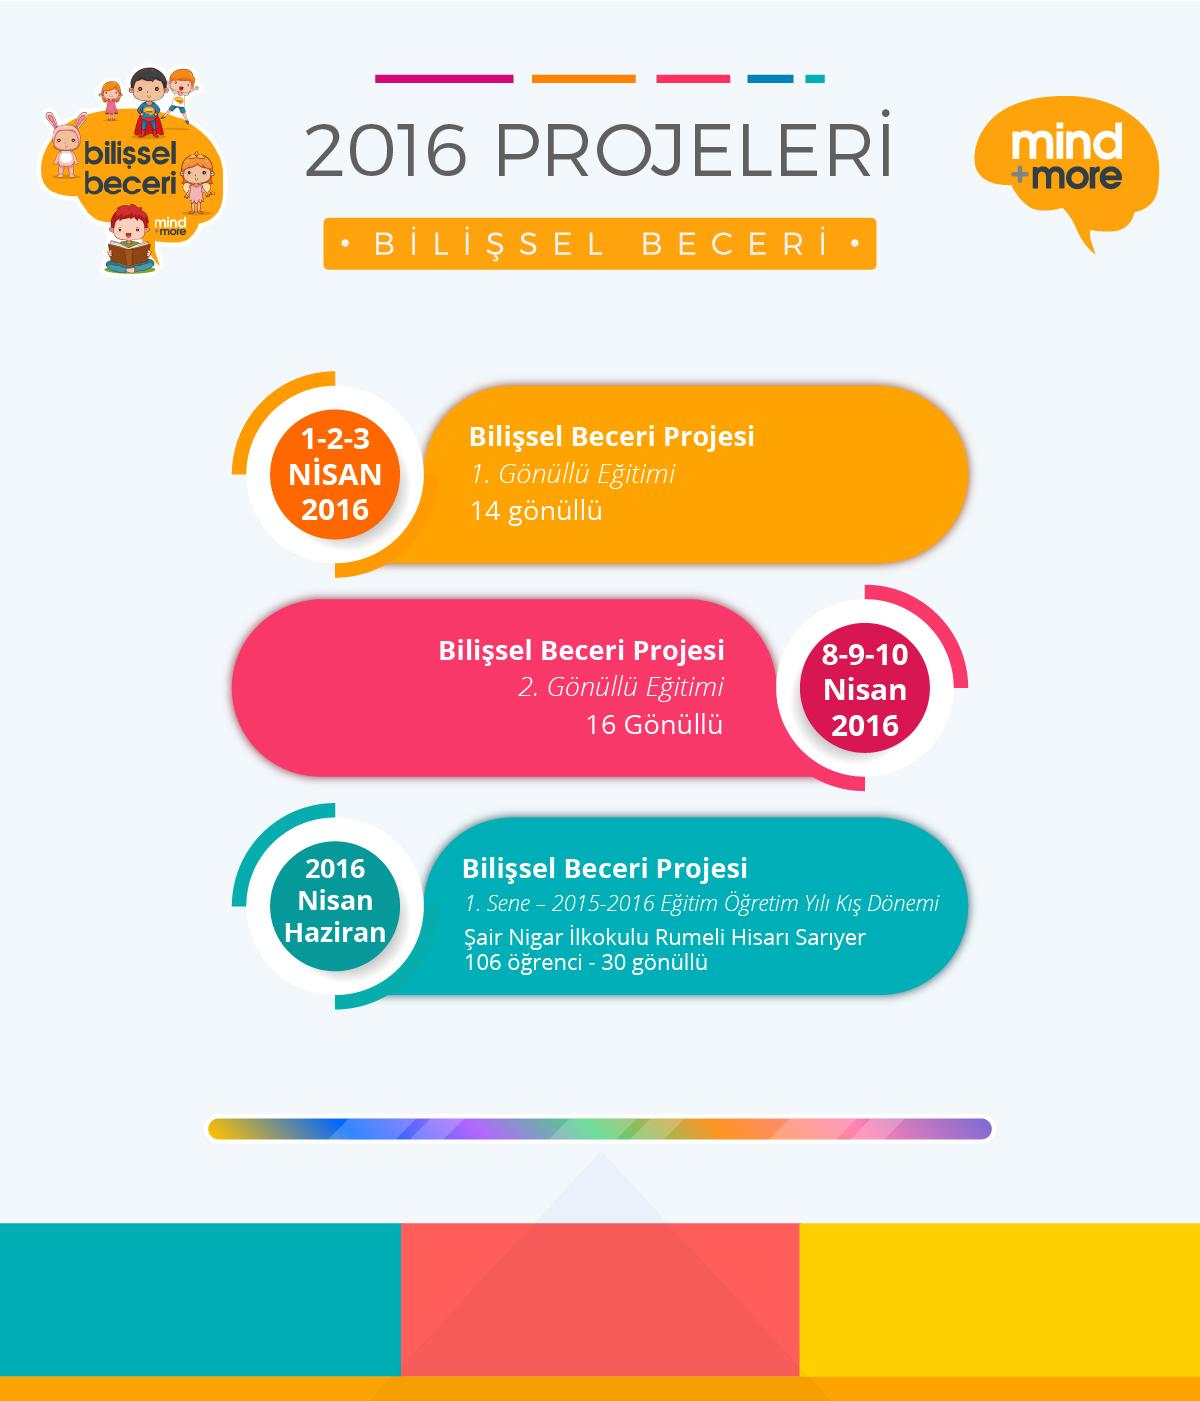 Bilissel Beceri Projelerimiz 2016